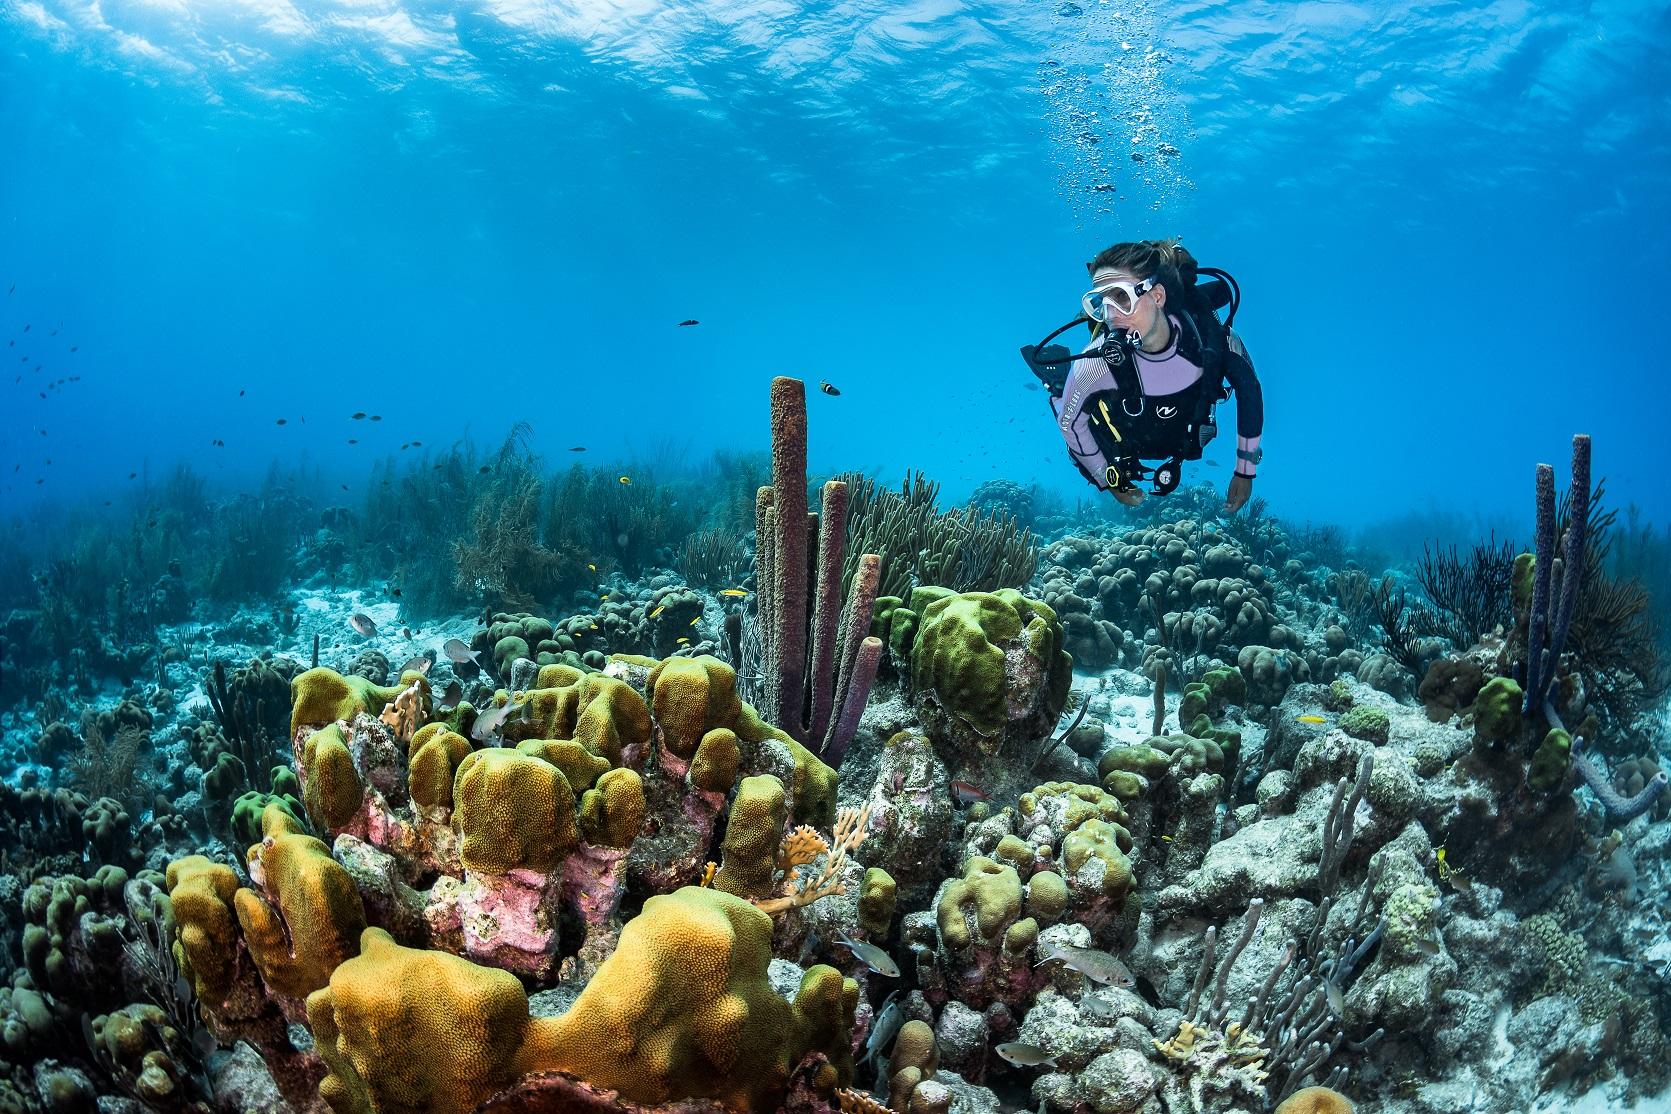 Il segreto degli Oceani: beyond the scenes